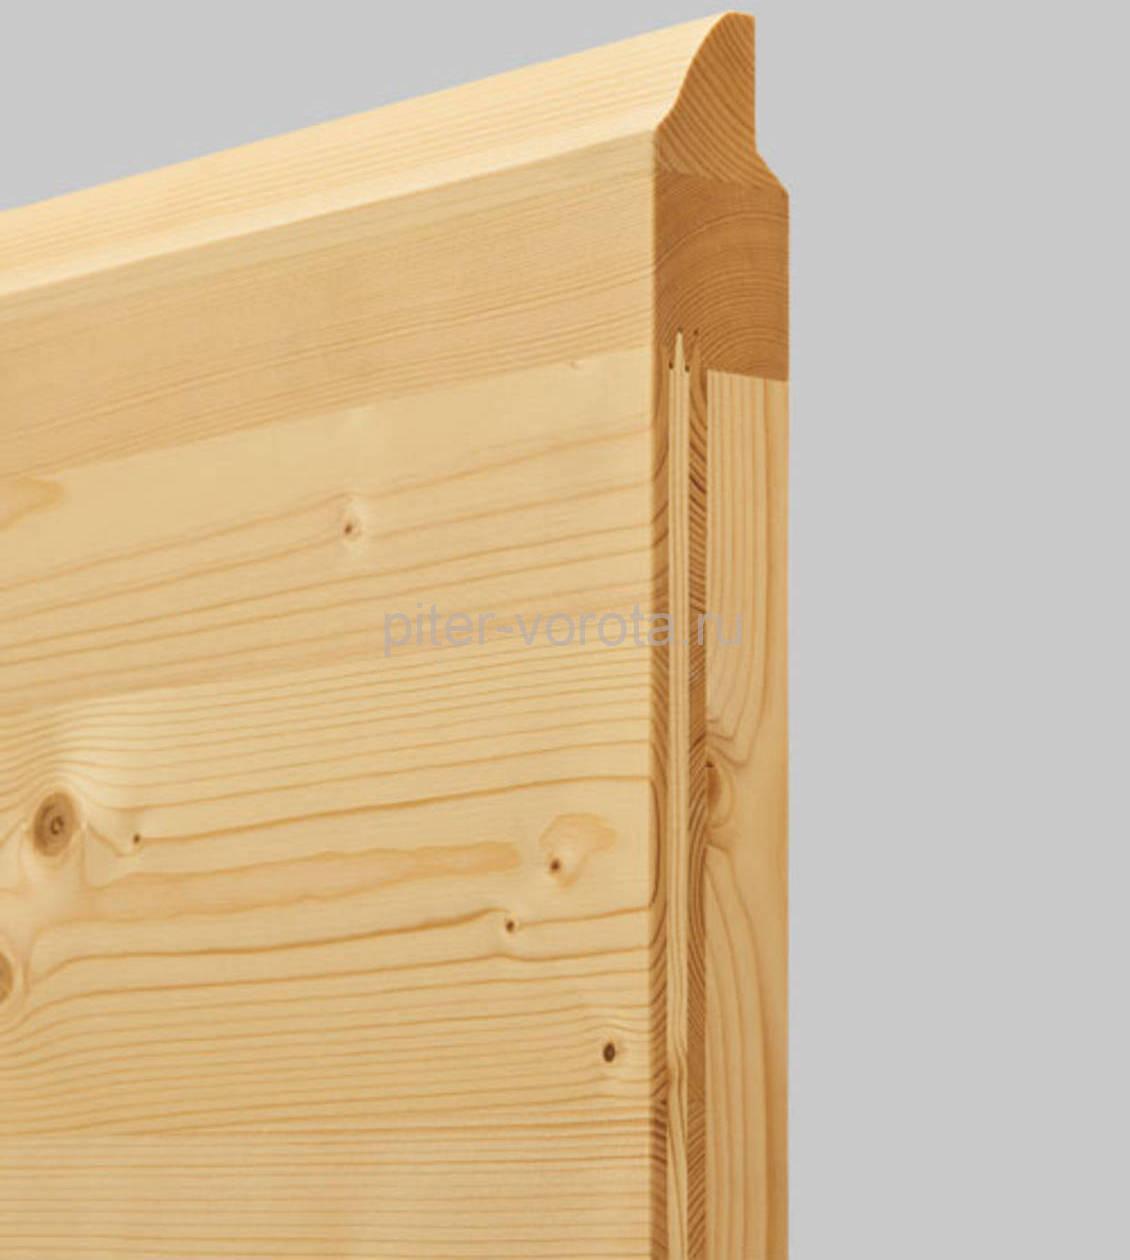 LTH 42 Подходят для домов с отделкой деревом или с многочисленными деревянными элементами.